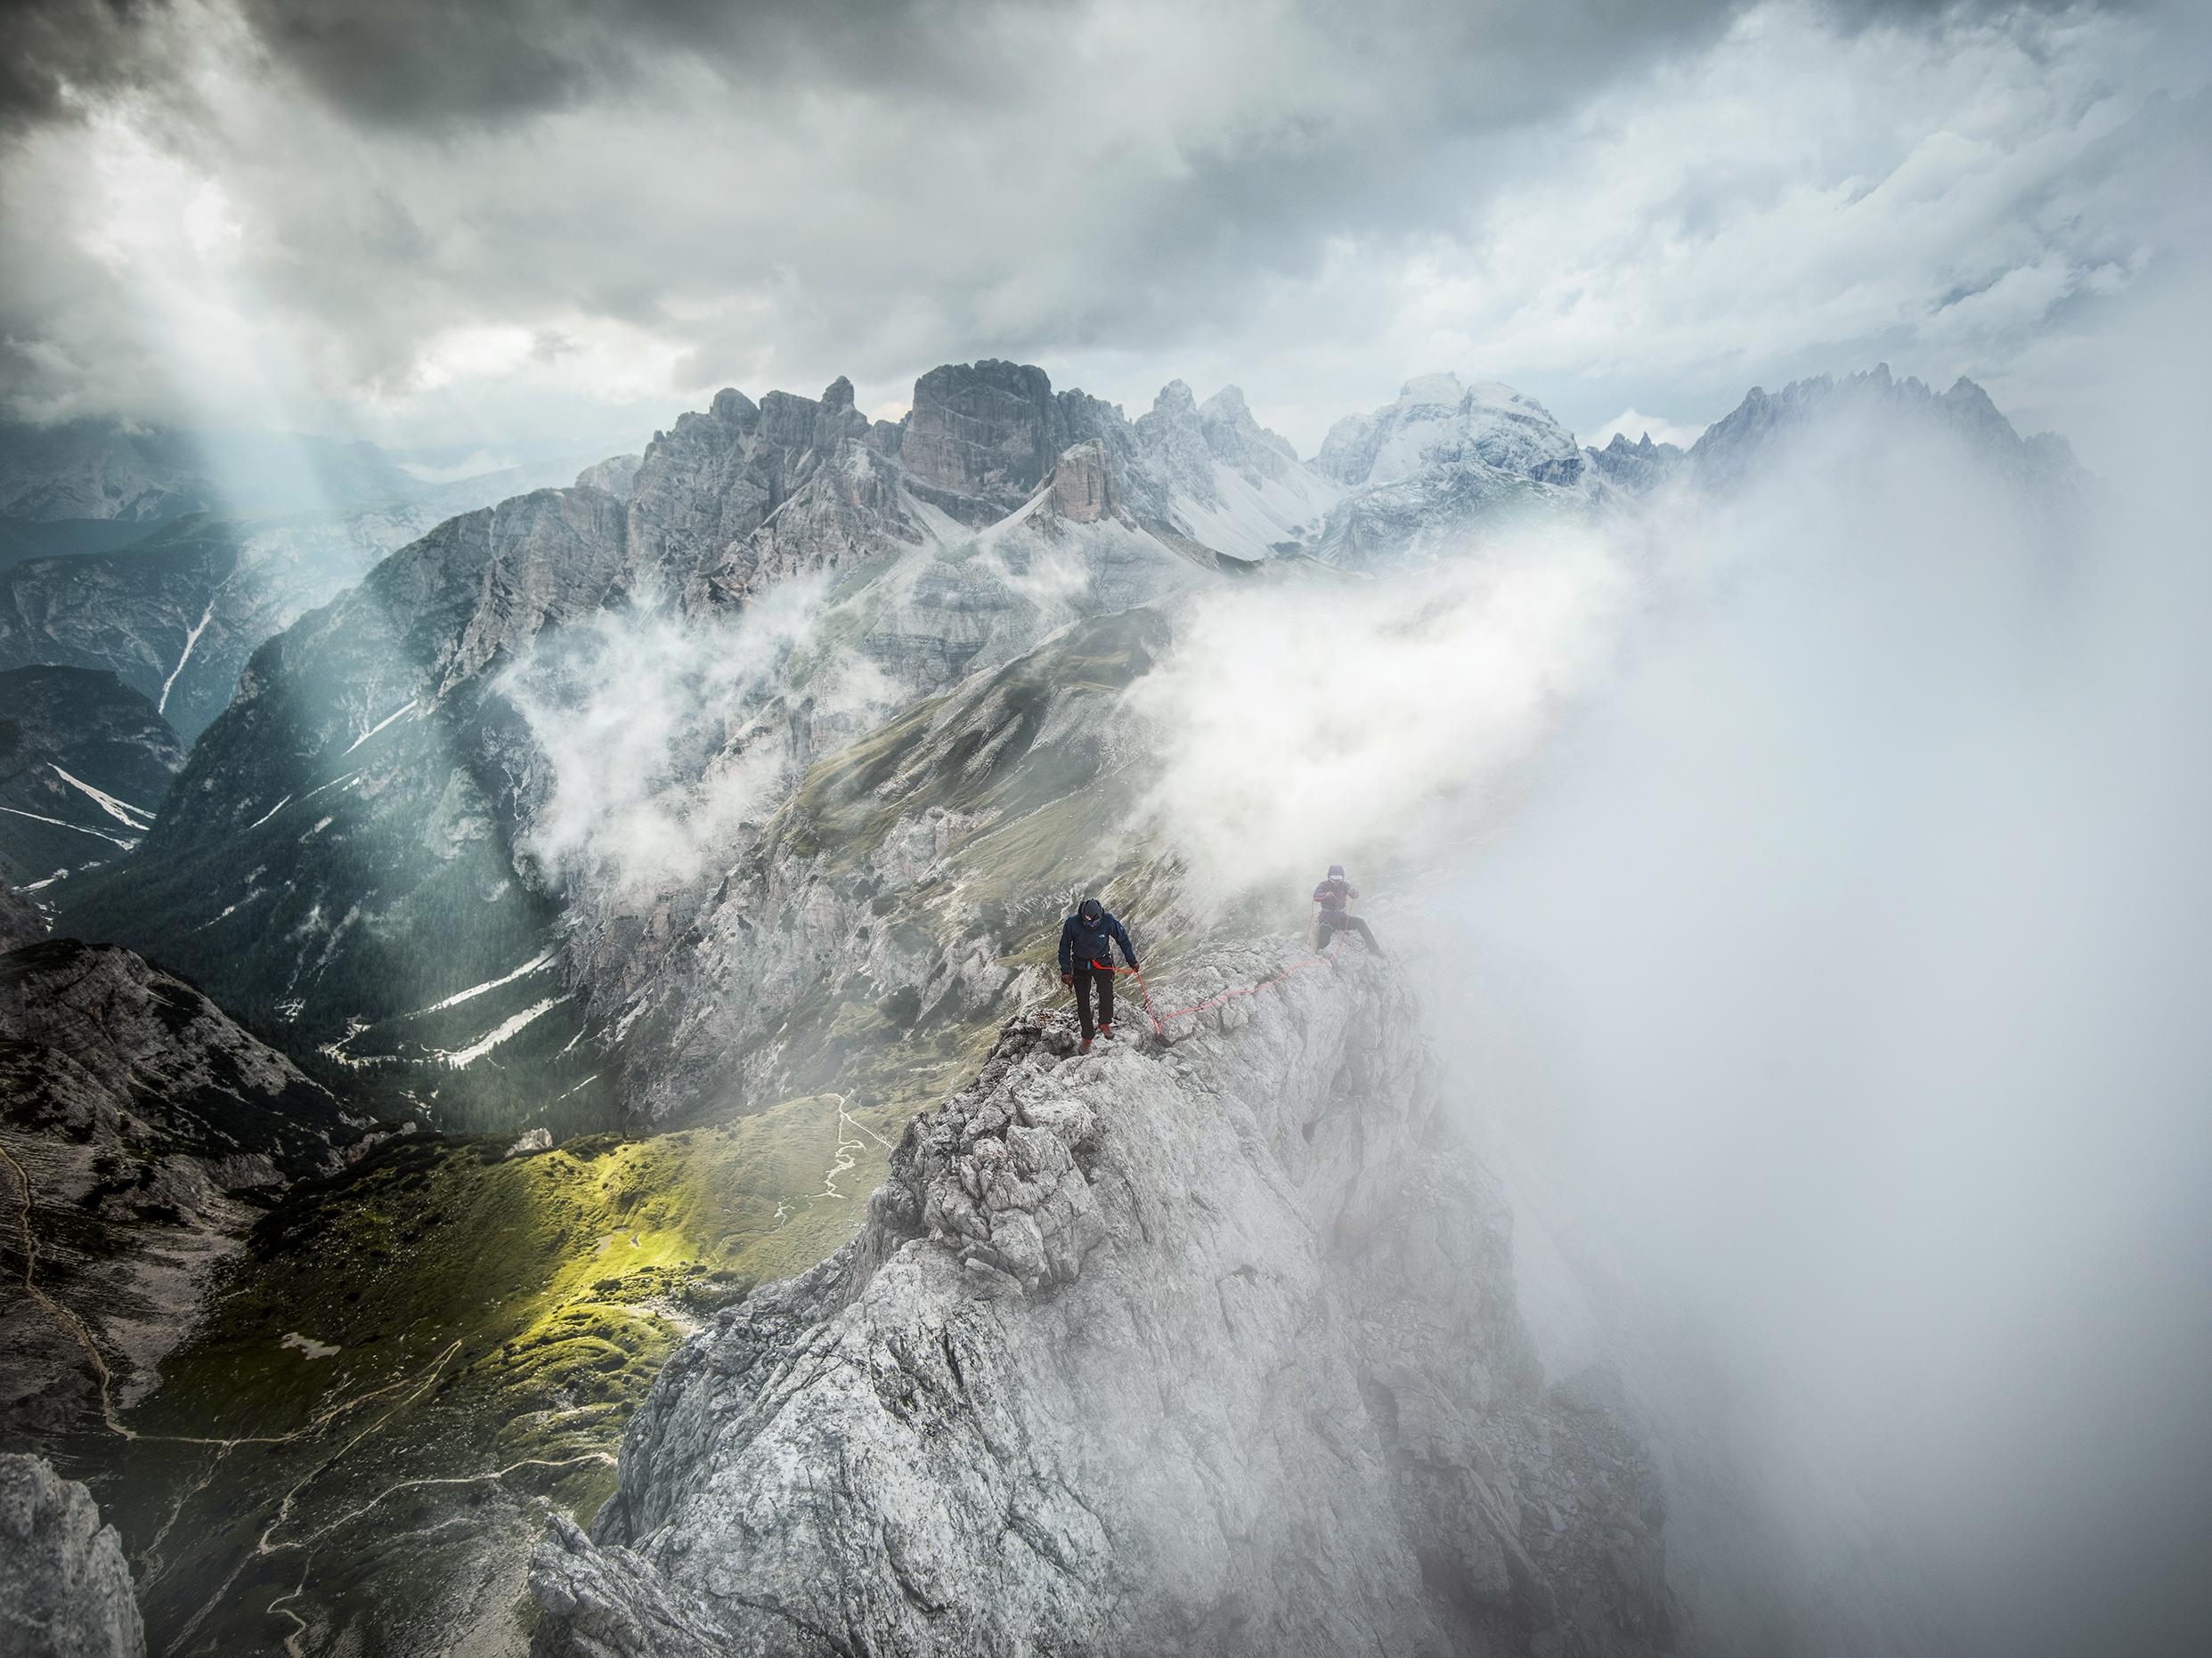 Sam Elias and Hazel Findlay. Dolomites, Tre Cime, Italy. Photography by Tim Kemple.